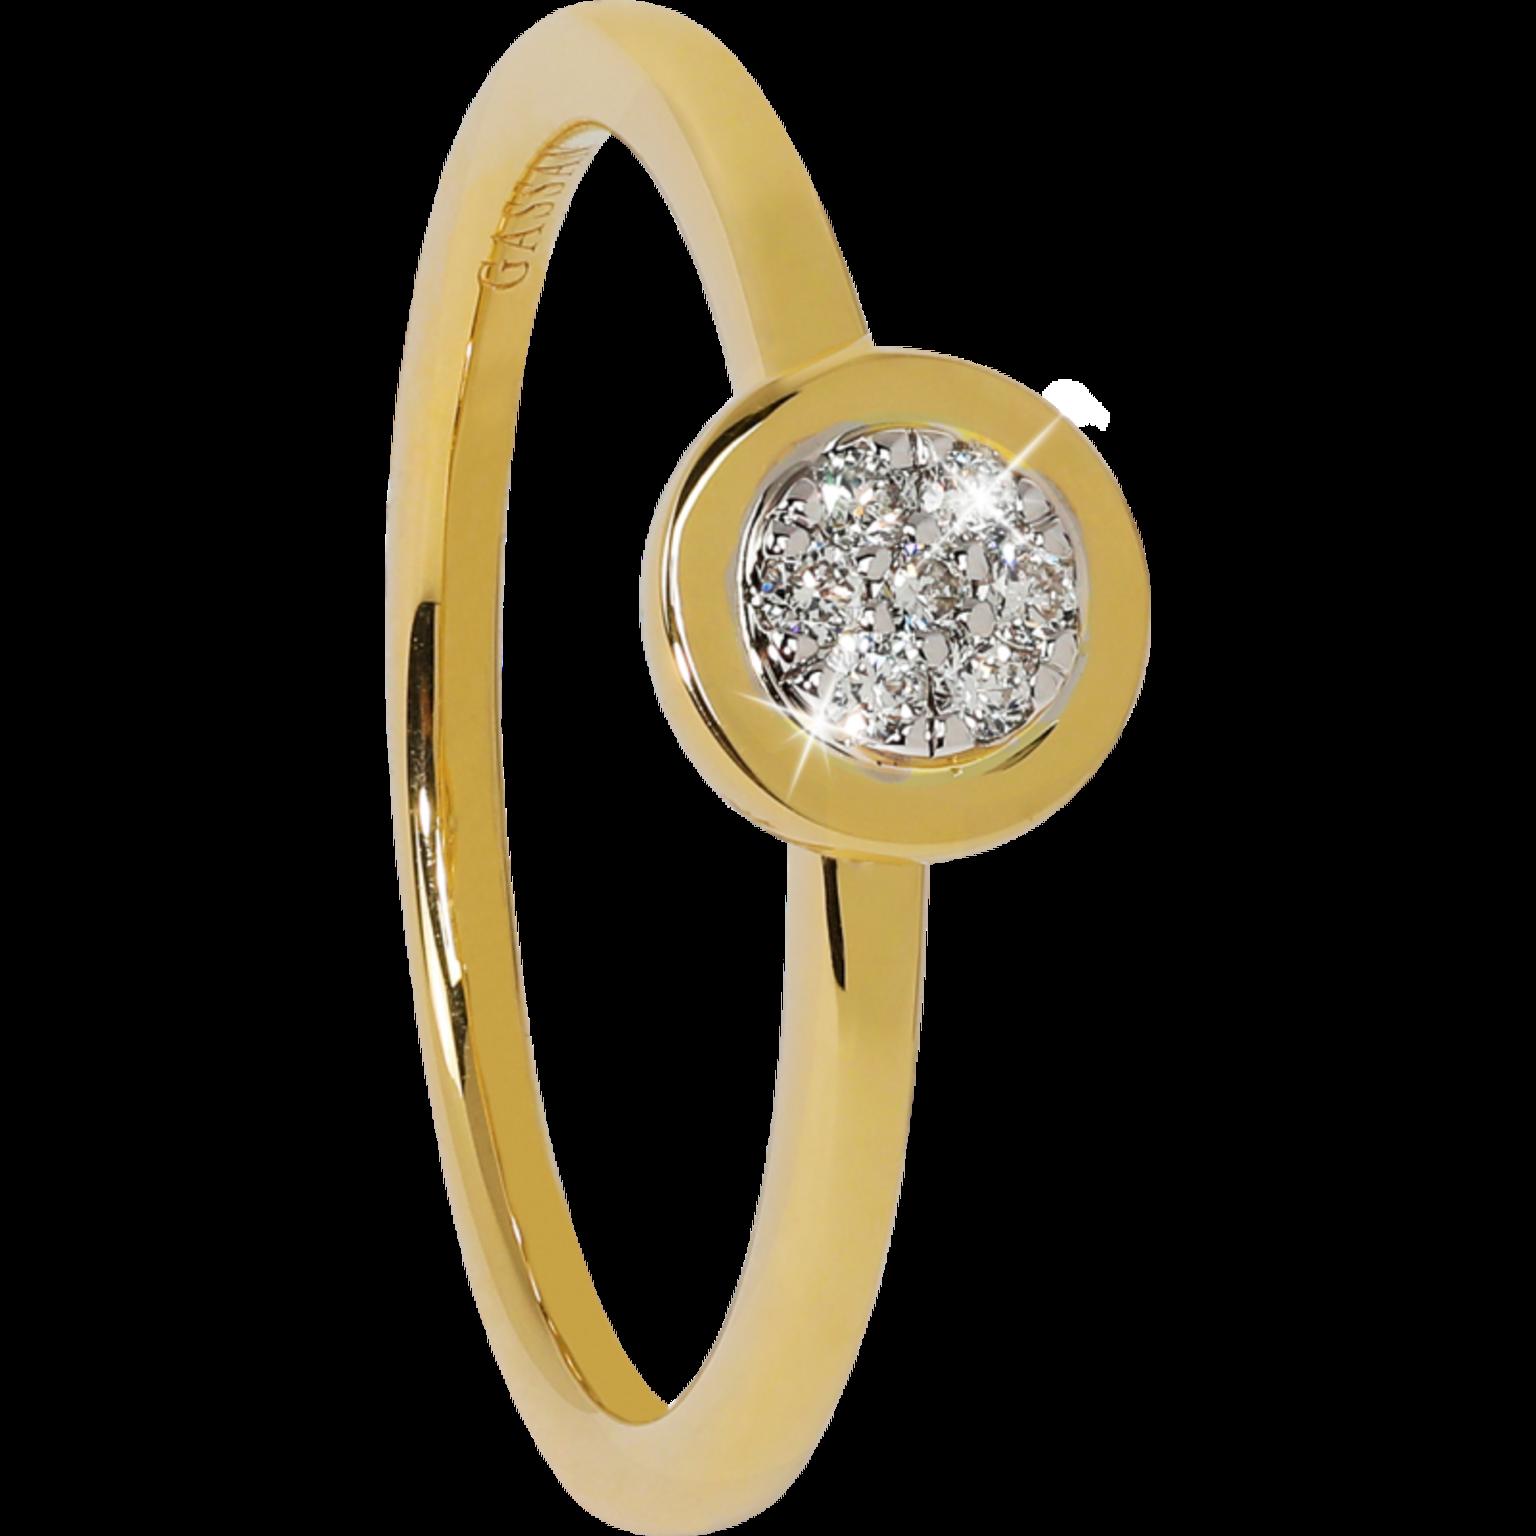 GASSAN Diamonds diamond ring